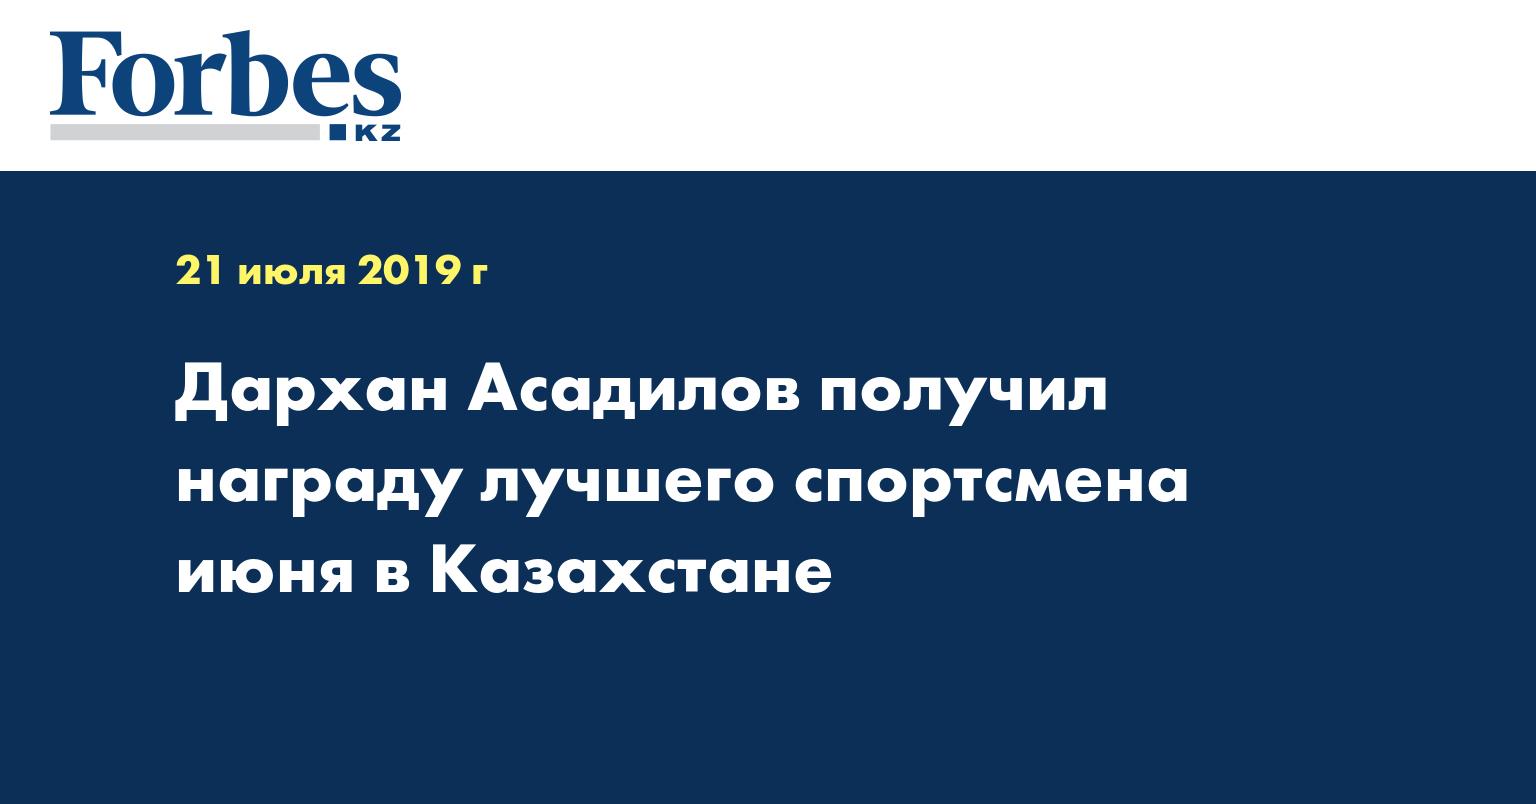 Дархан Асадилов получил награду лучшего спортсмена июня в Казахстане